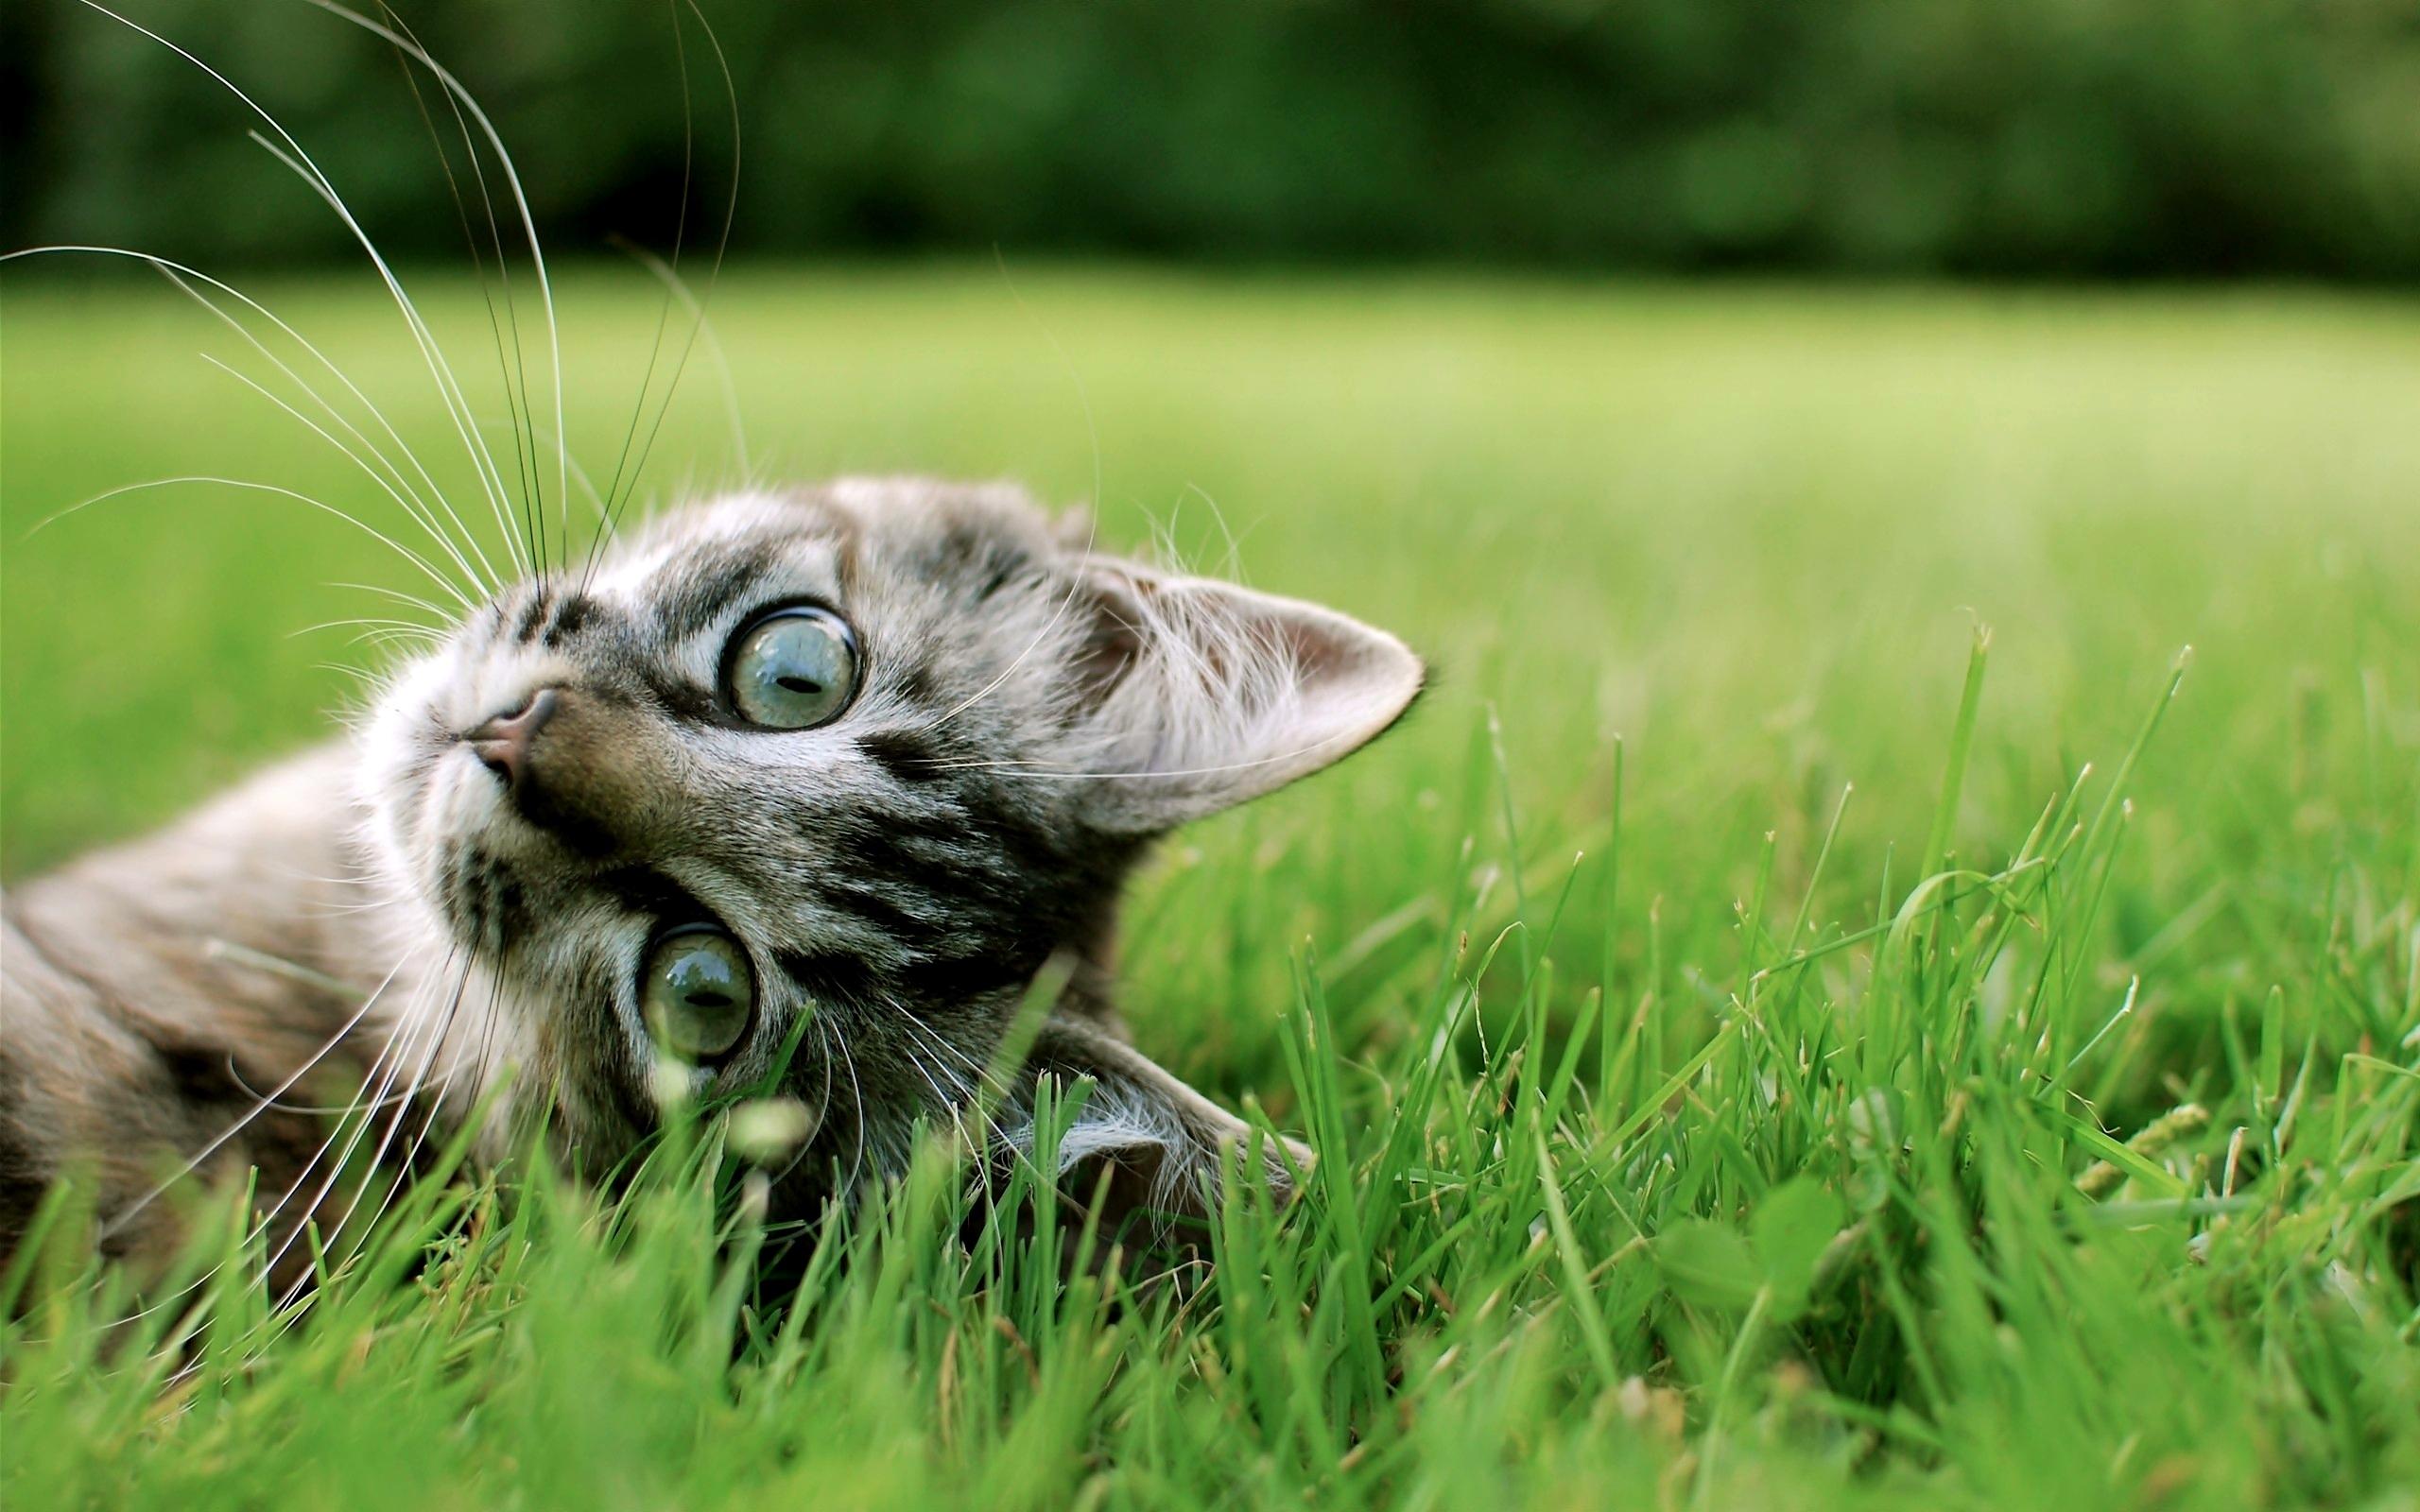 Котенок играющий с кошкой в траве  № 1994882 бесплатно